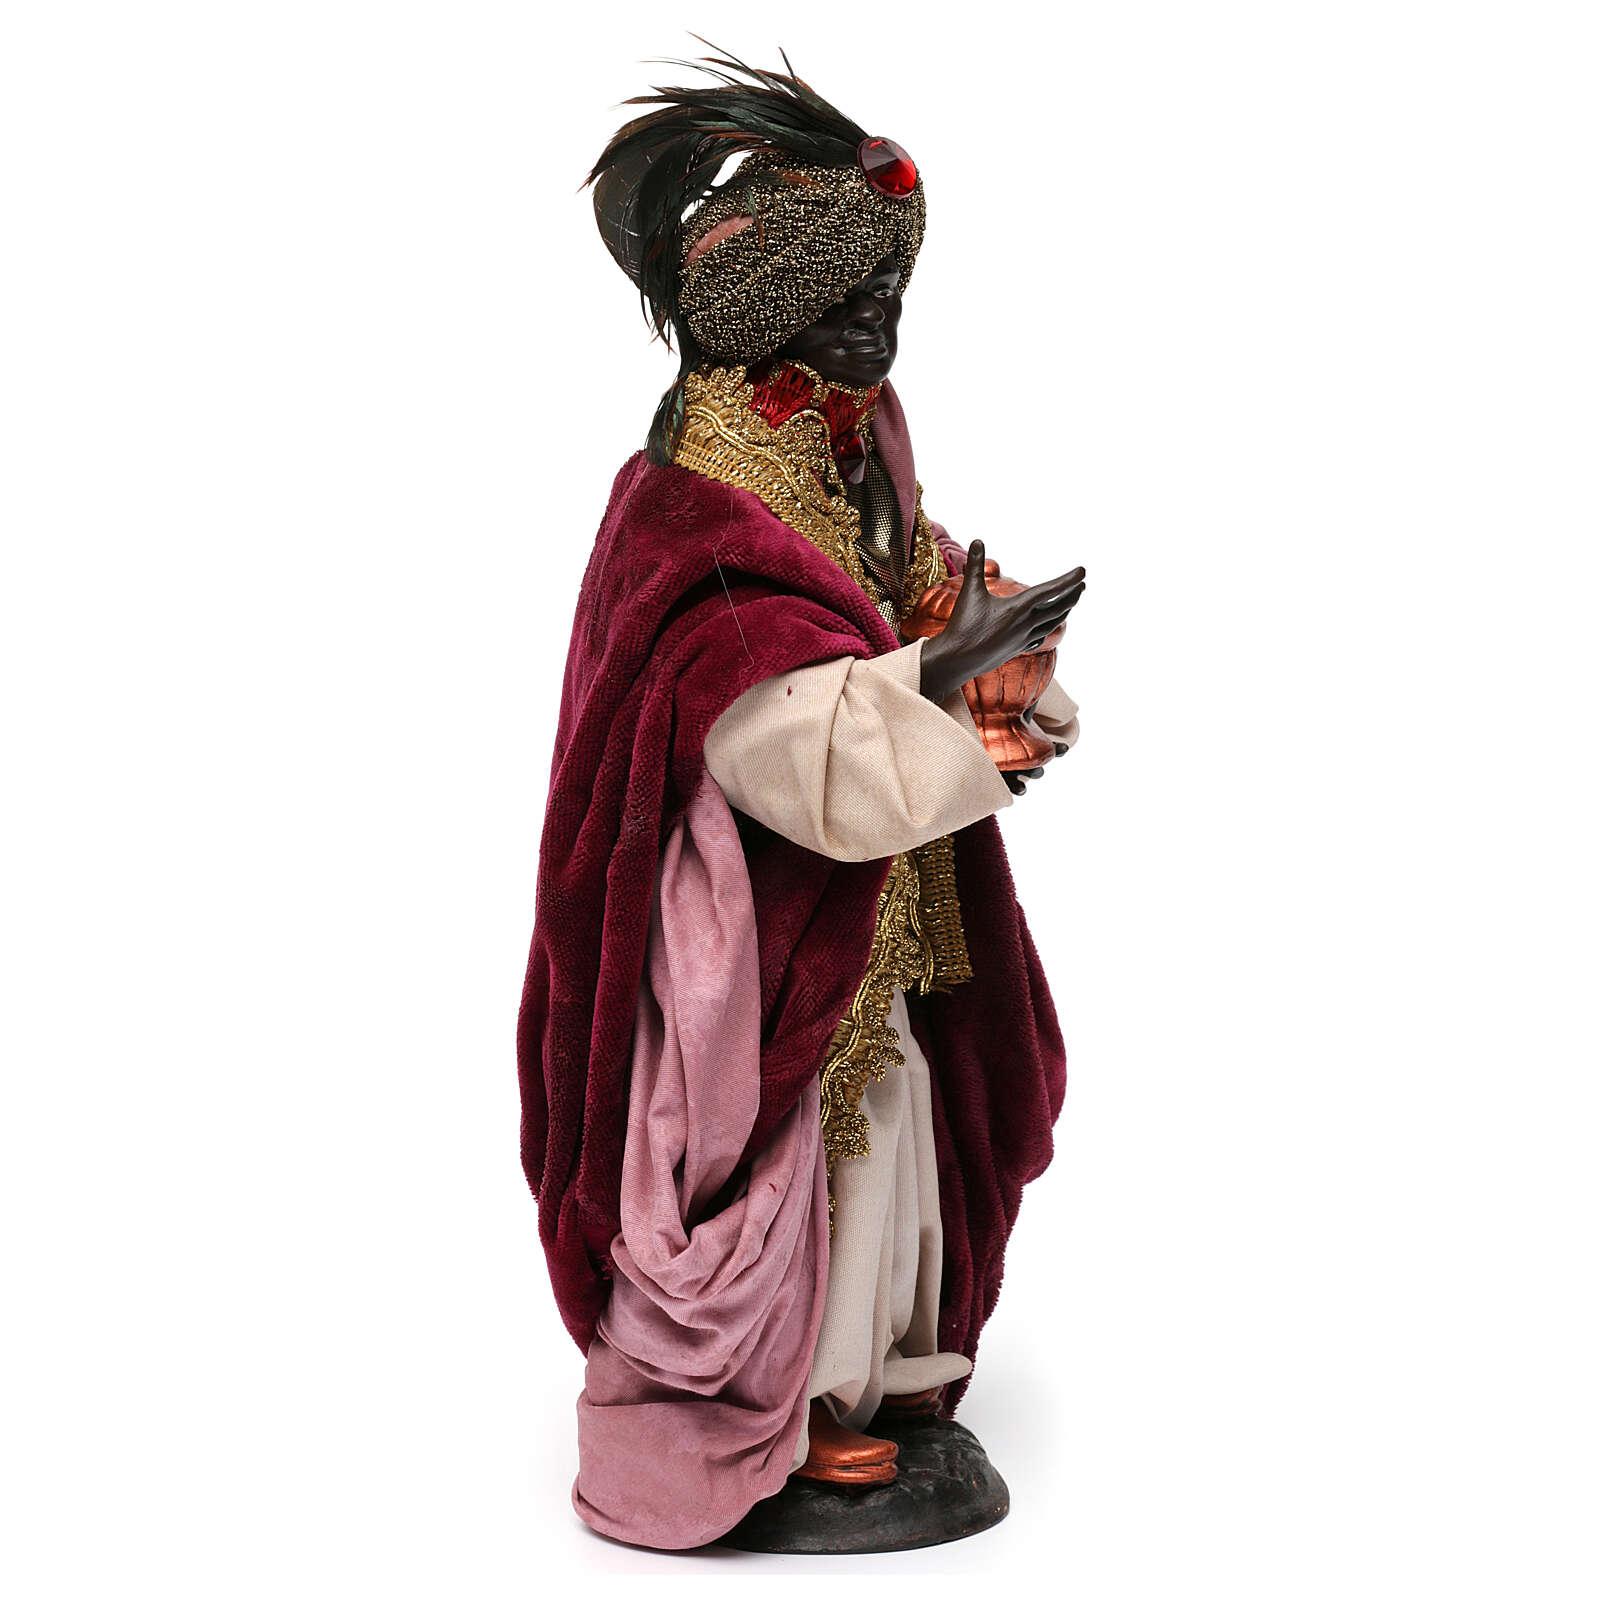 Dark skinned king (Magi) for Neapolitan nativity scene 30 cm 4